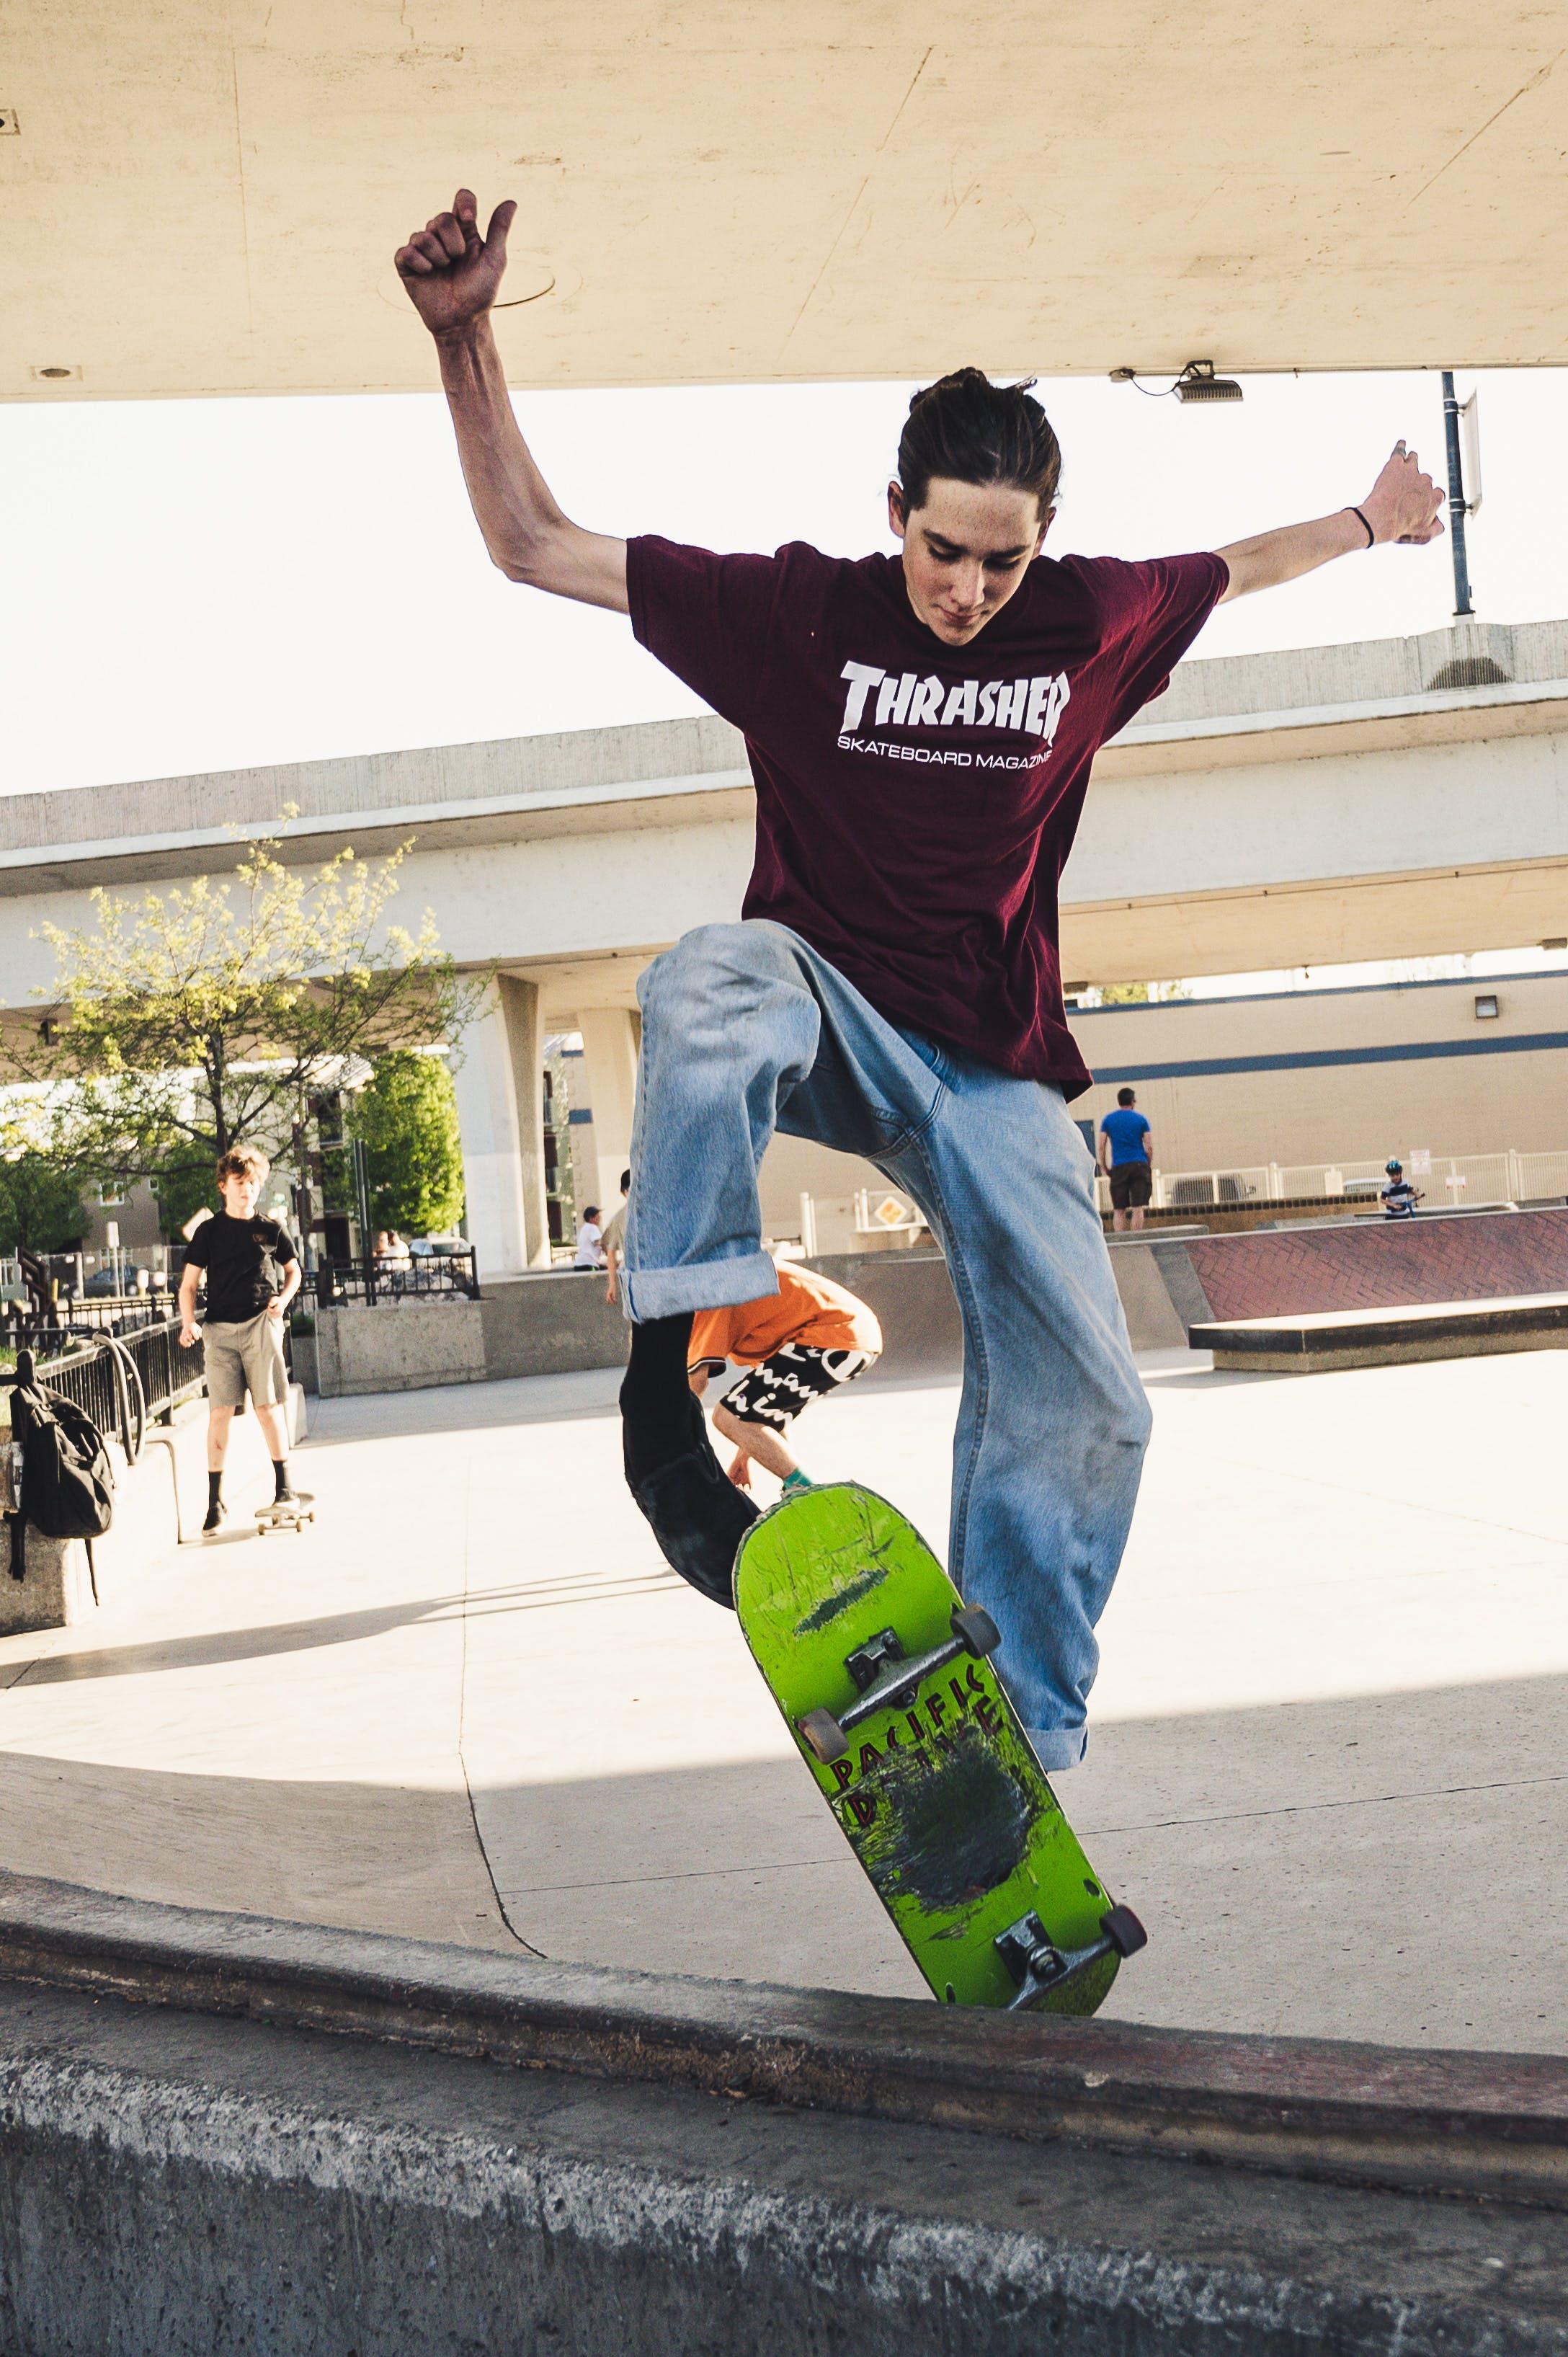 おとこ, スケーター, スケート, スケートパークの無料の写真素材